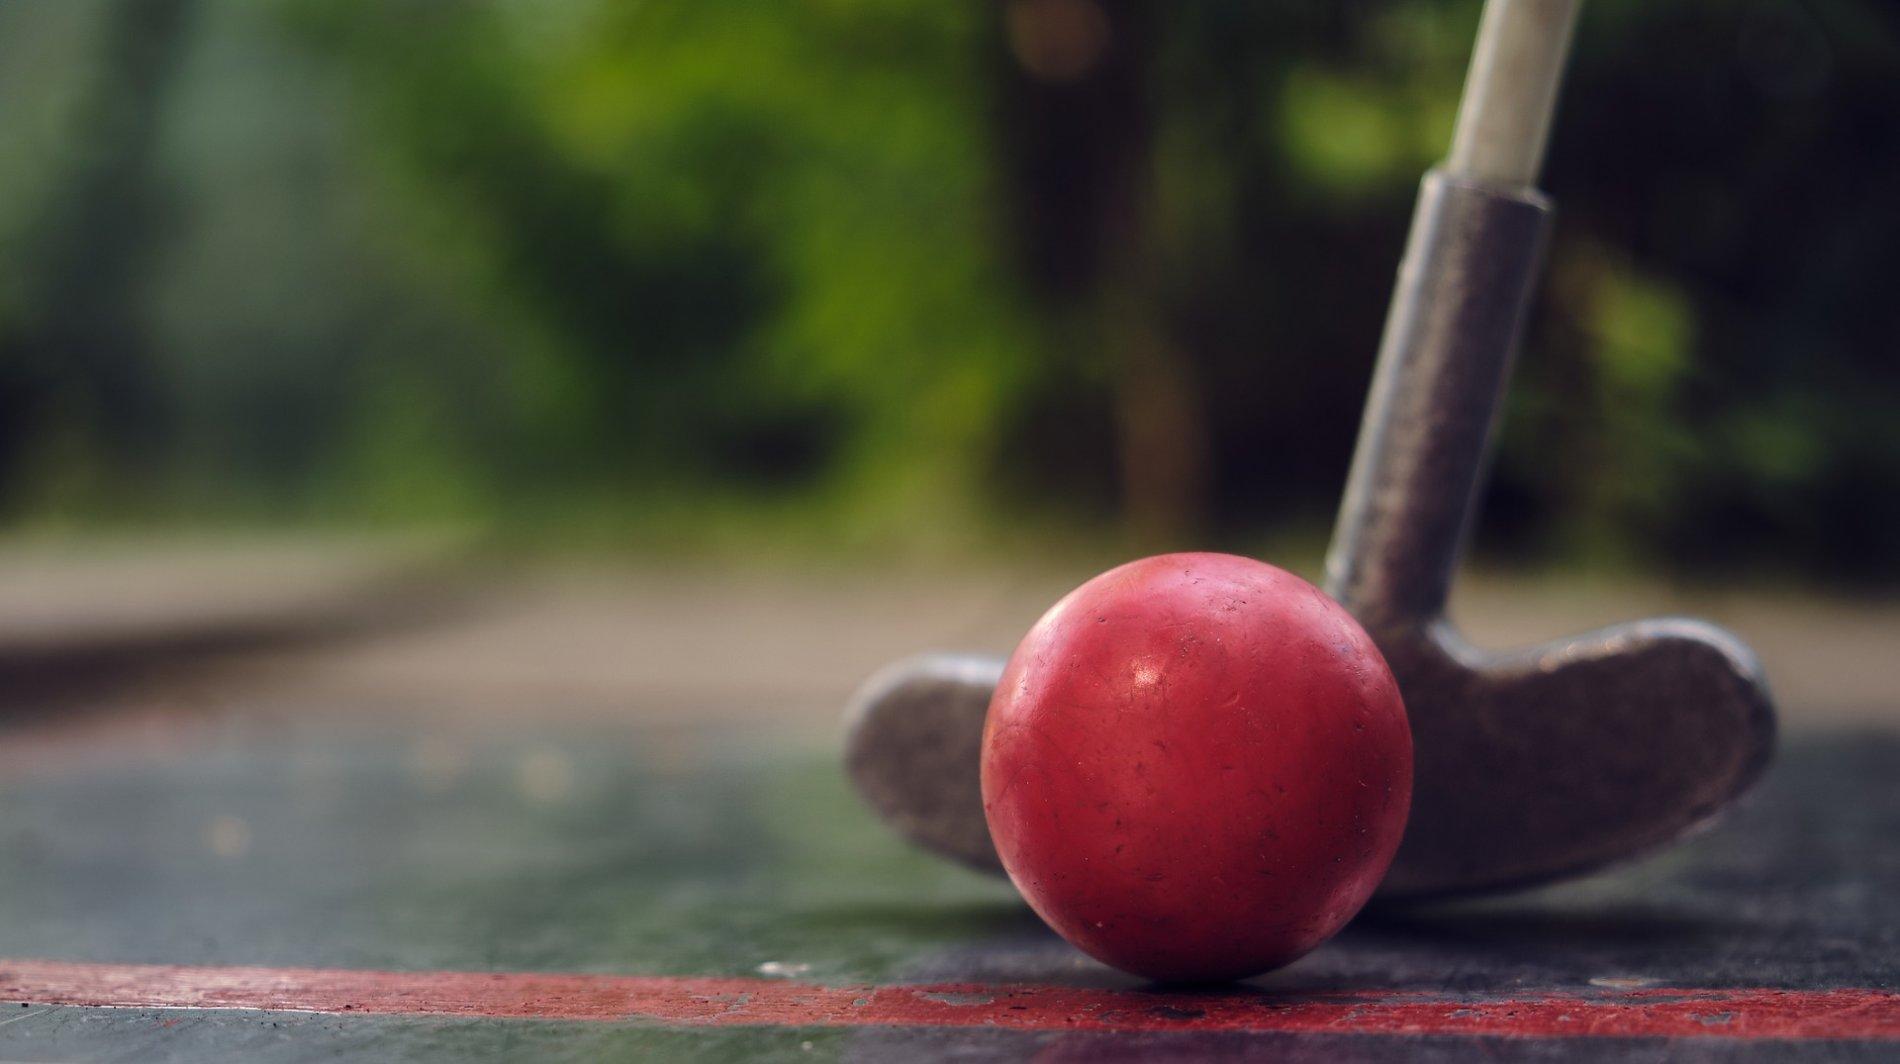 Minigolfschläger mit rotem Ball